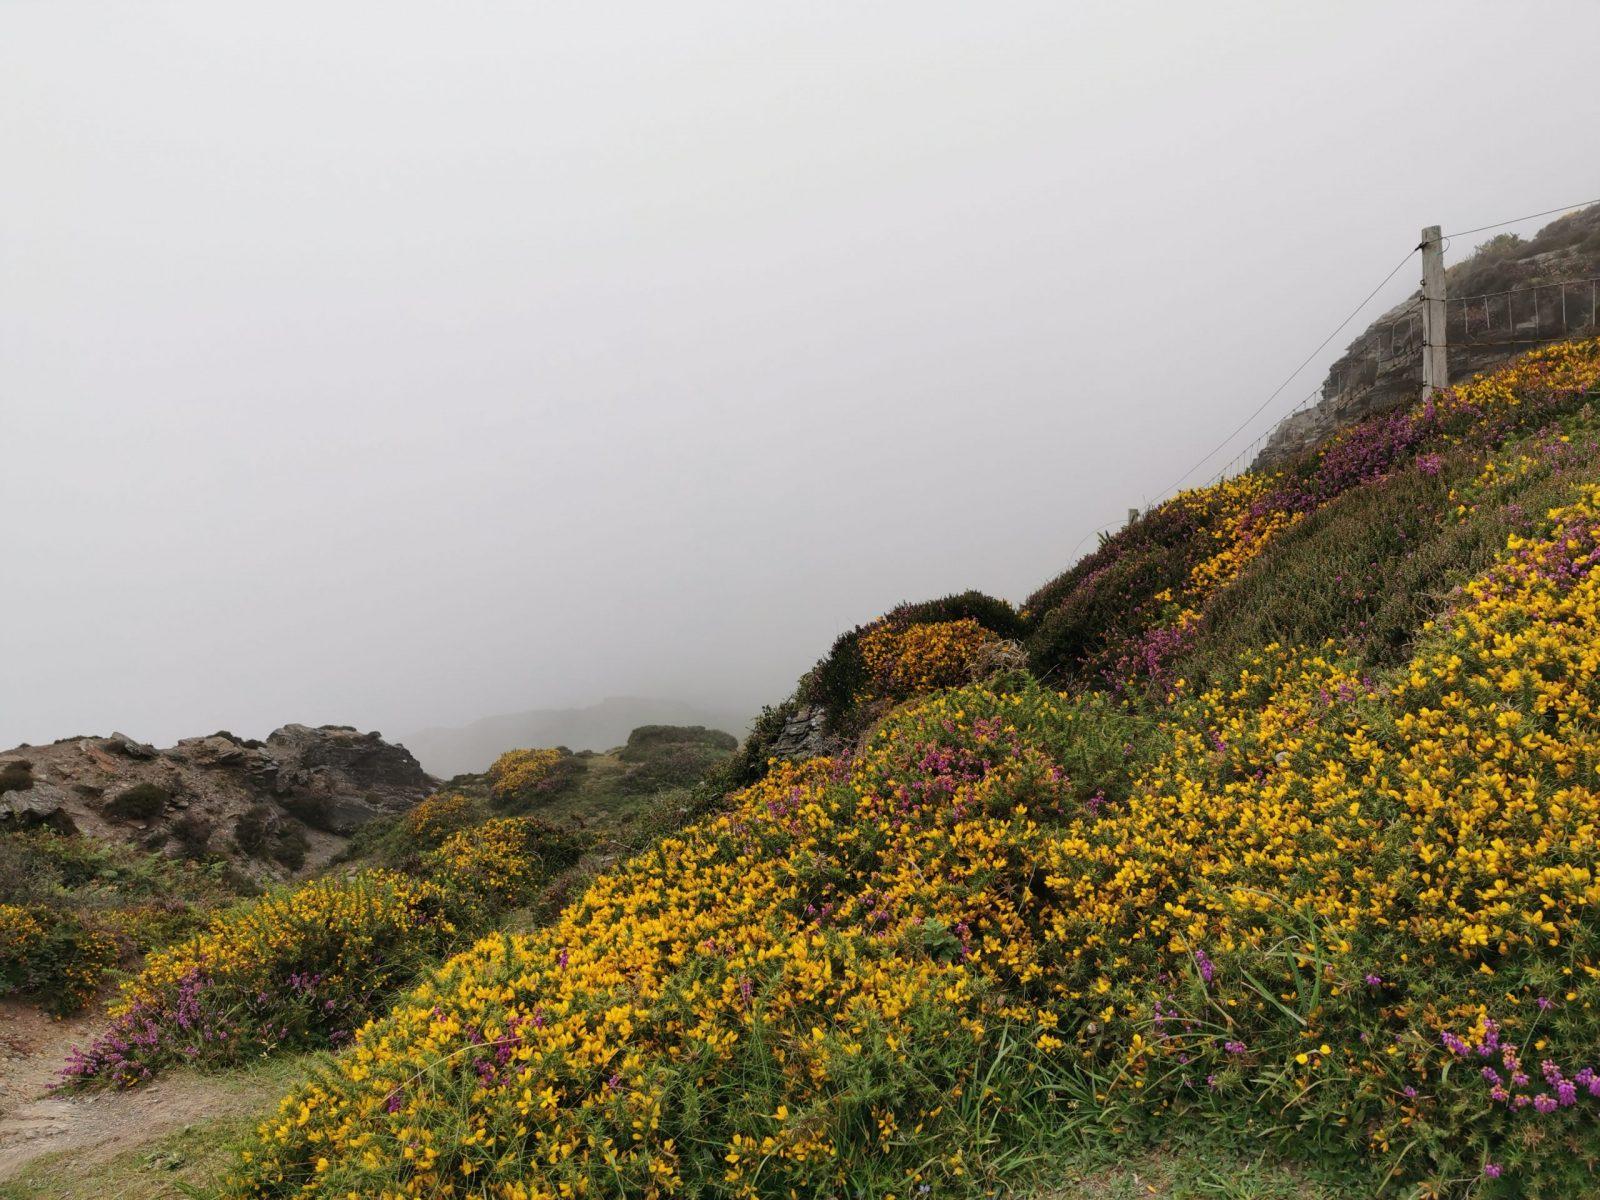 The Strangles Beach & Trail: A Hidden & Quiet Beach in Cornwall 47